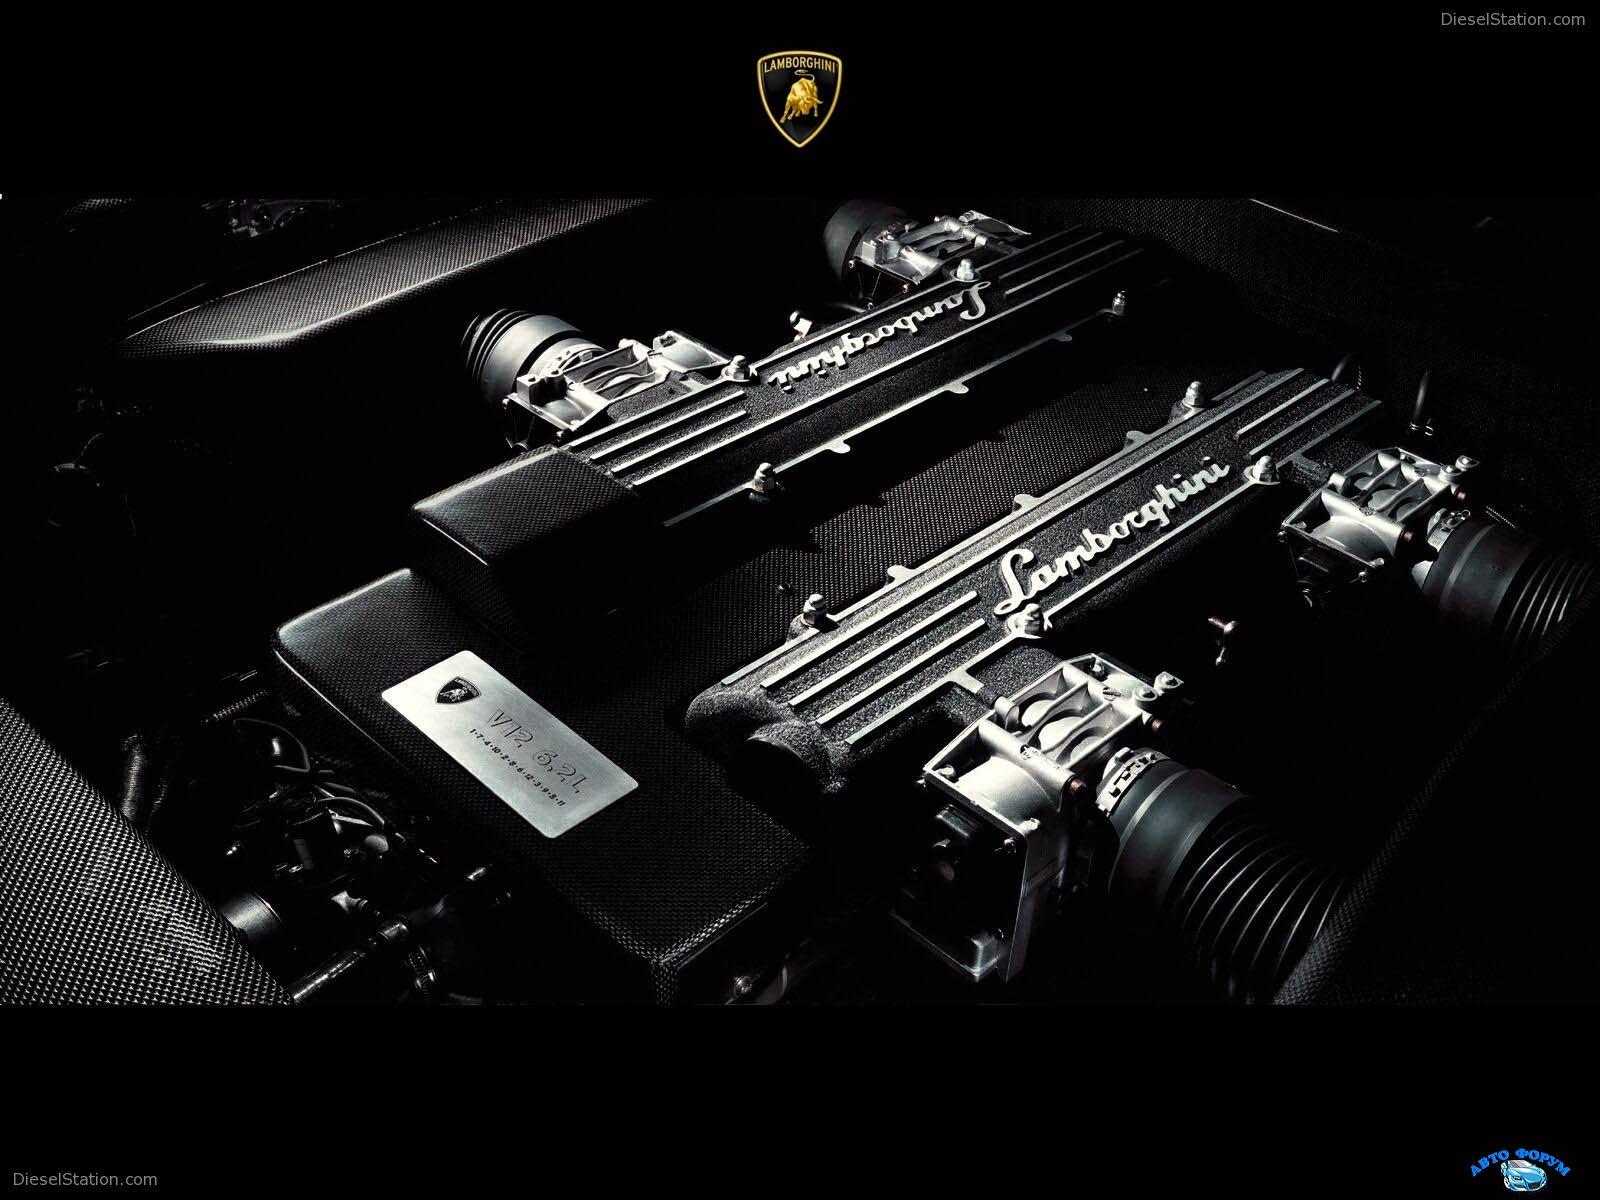 Lamborghini-Murcielago-011.jpg